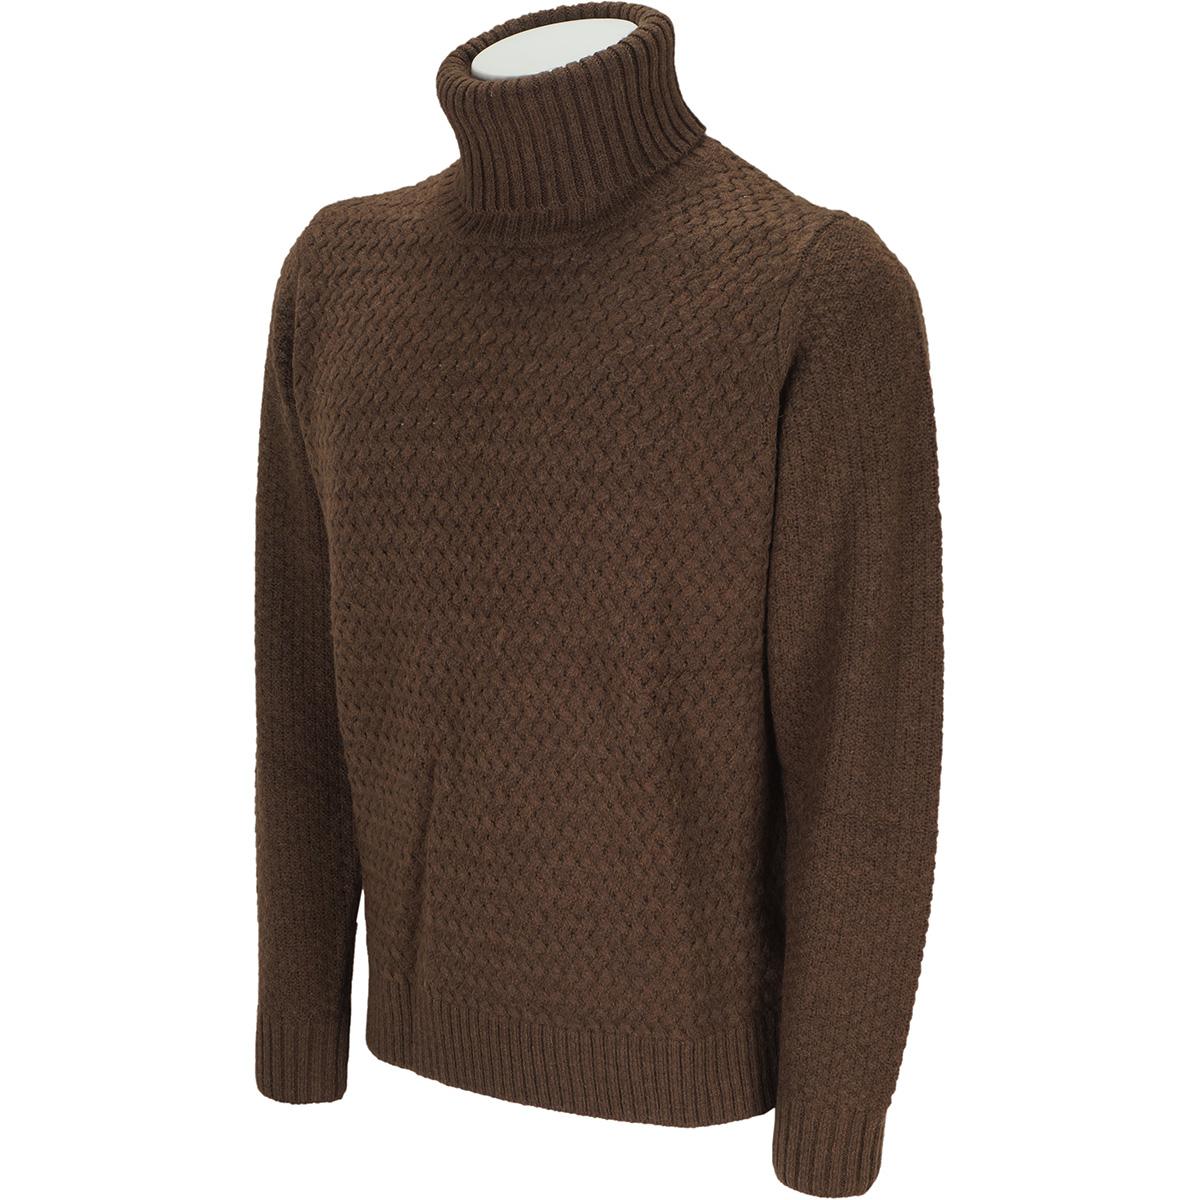 変わり編み タートルネックセーター